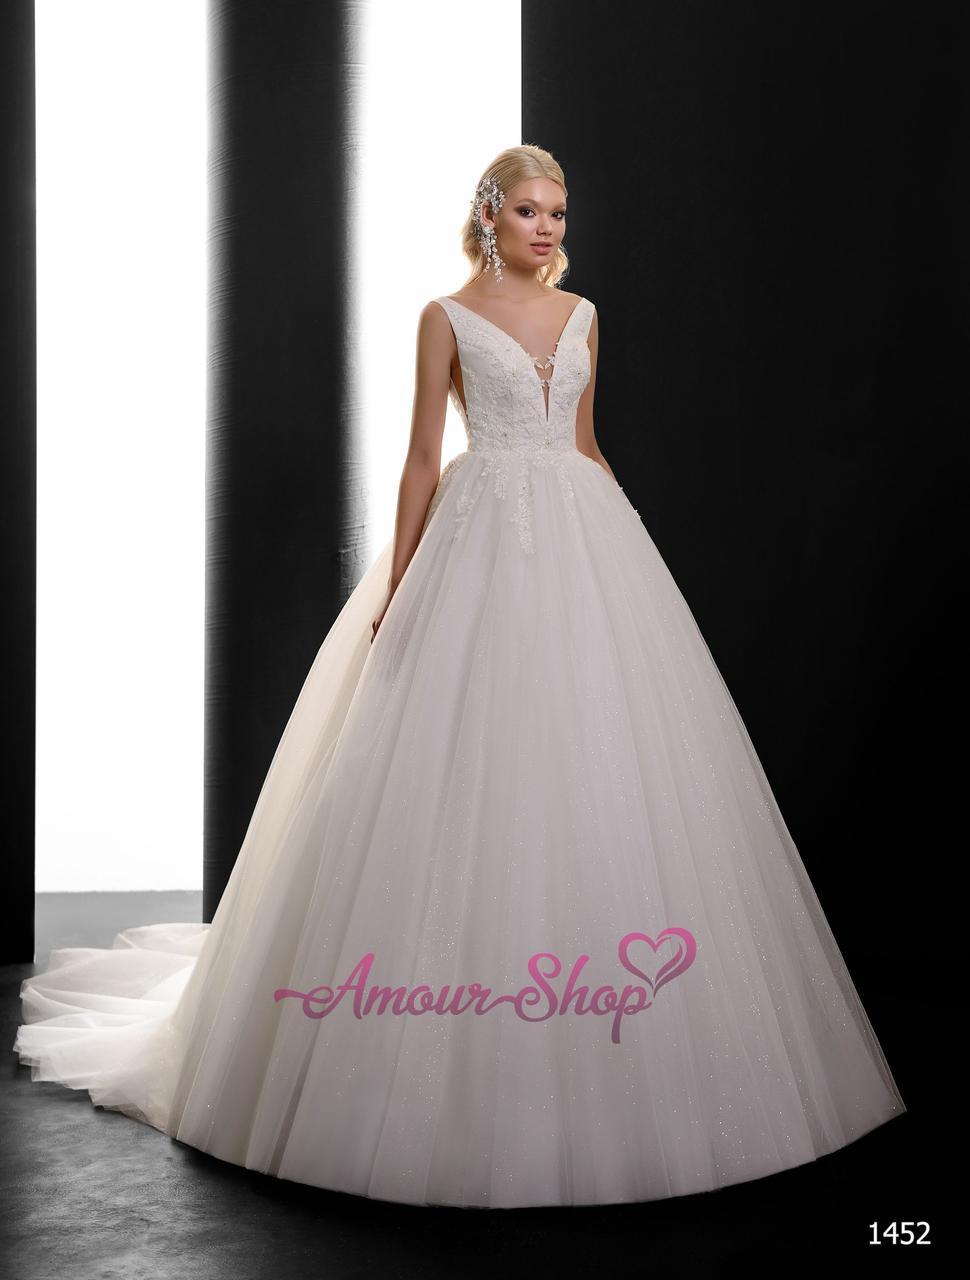 Пышное свадебное платье с глубоким декольте